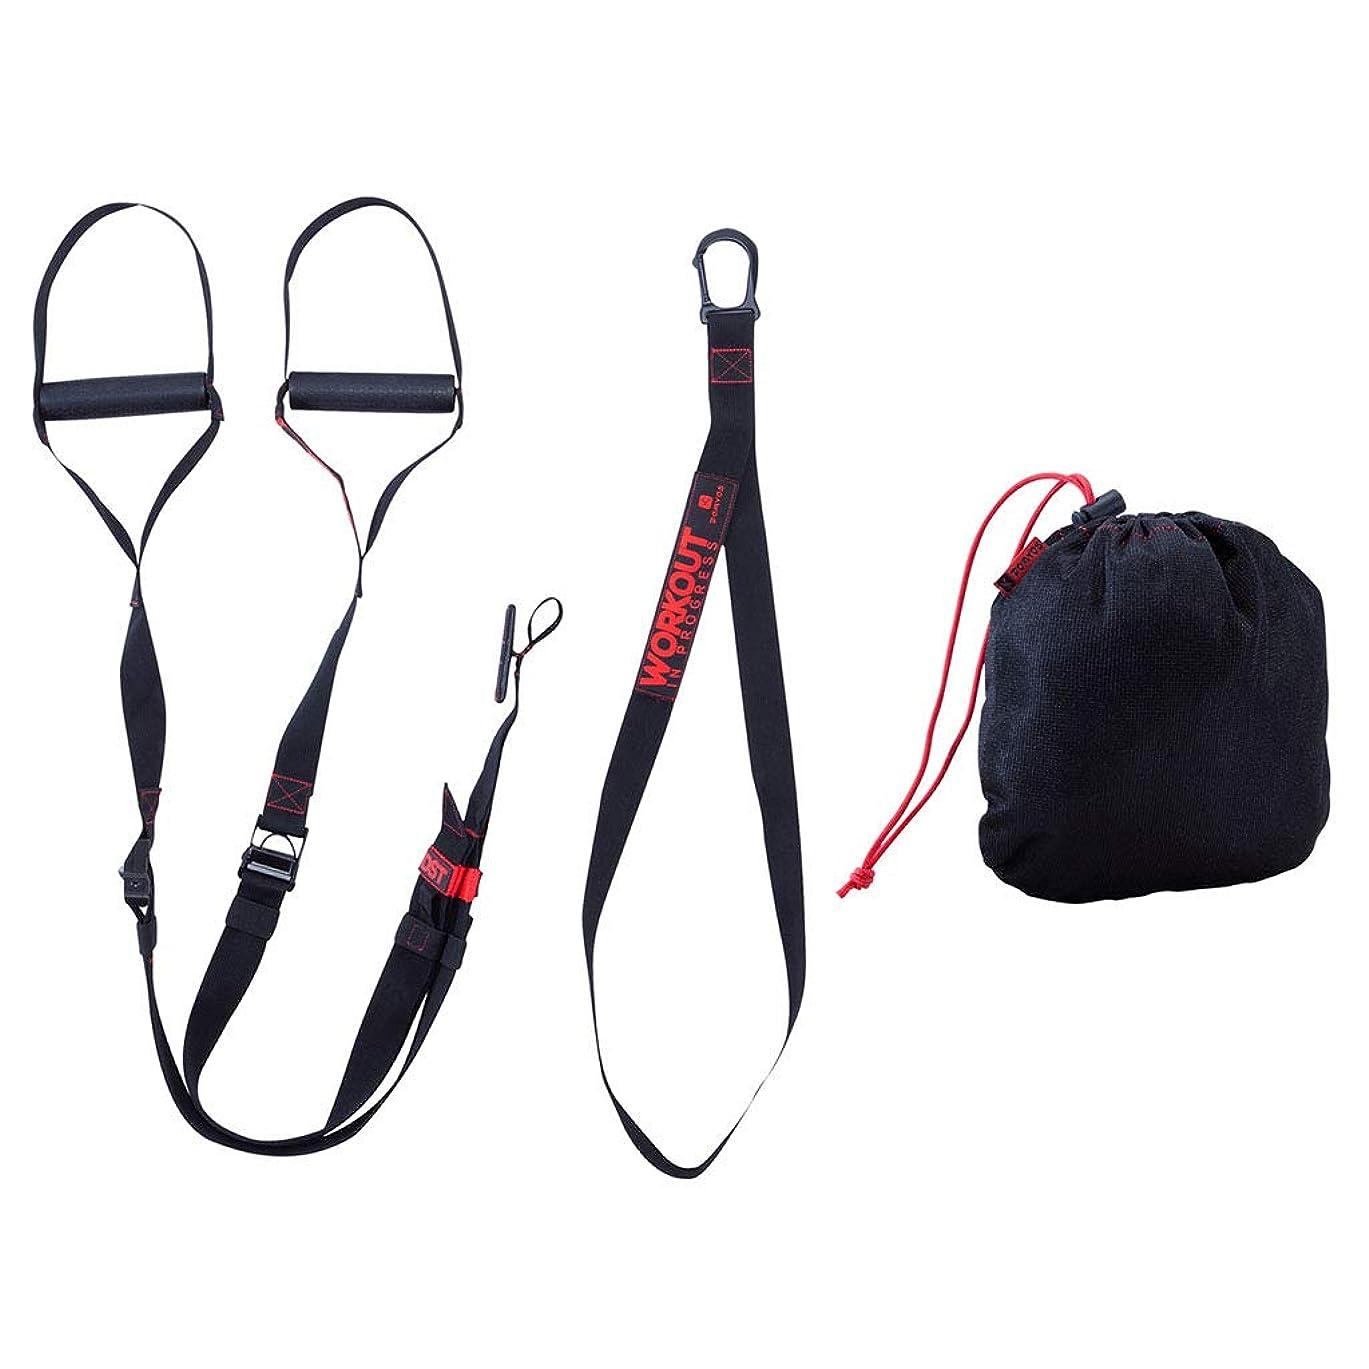 重量その他スカリー吊り訓練ベルトプルロープホームフィットネス弾力ベルト抵抗ベルト強度トレーニング (色 : 黒)